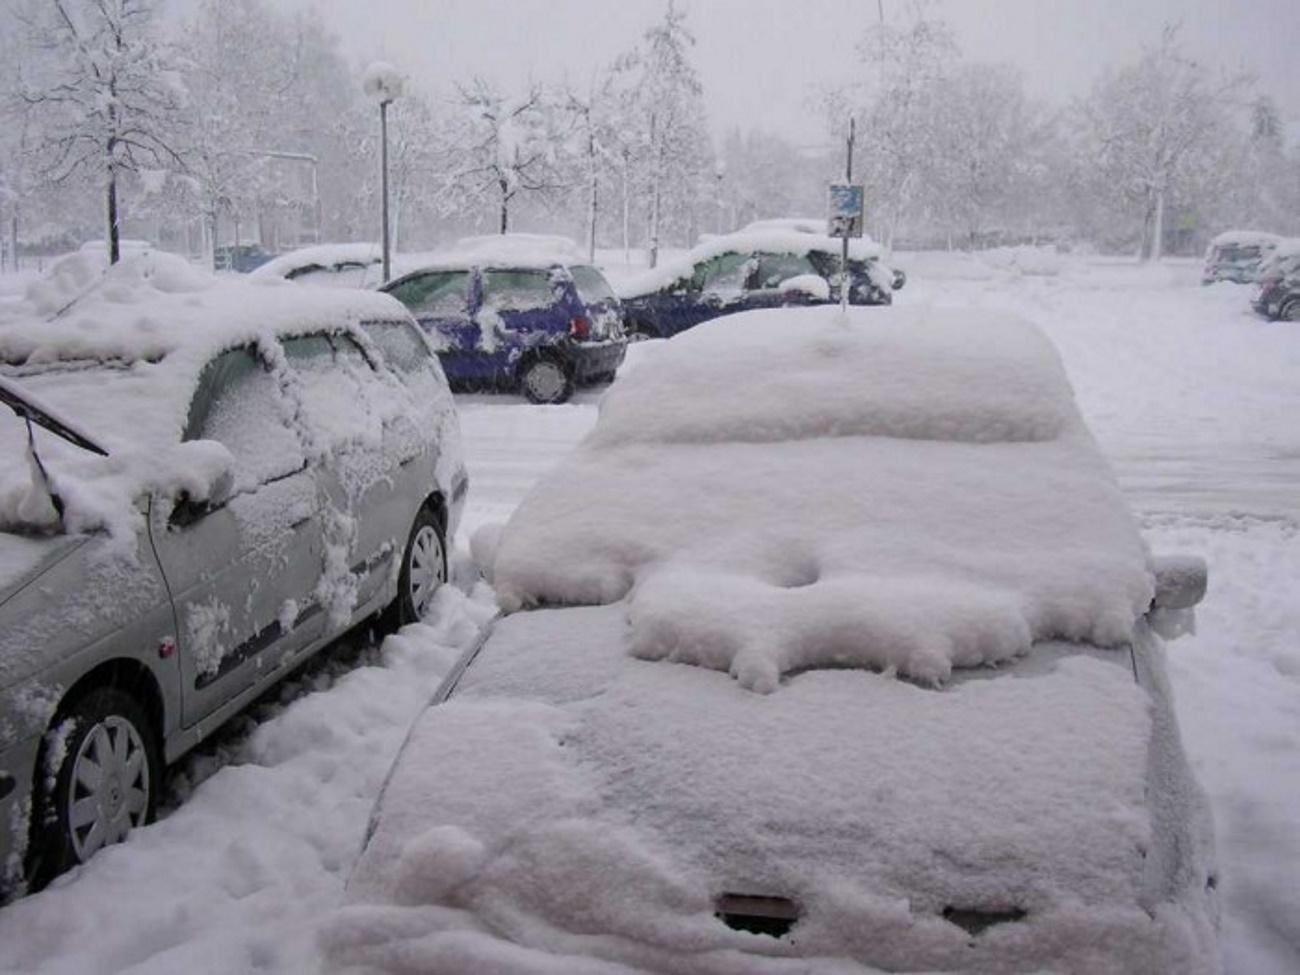 Previsioni meteo inverno 2022